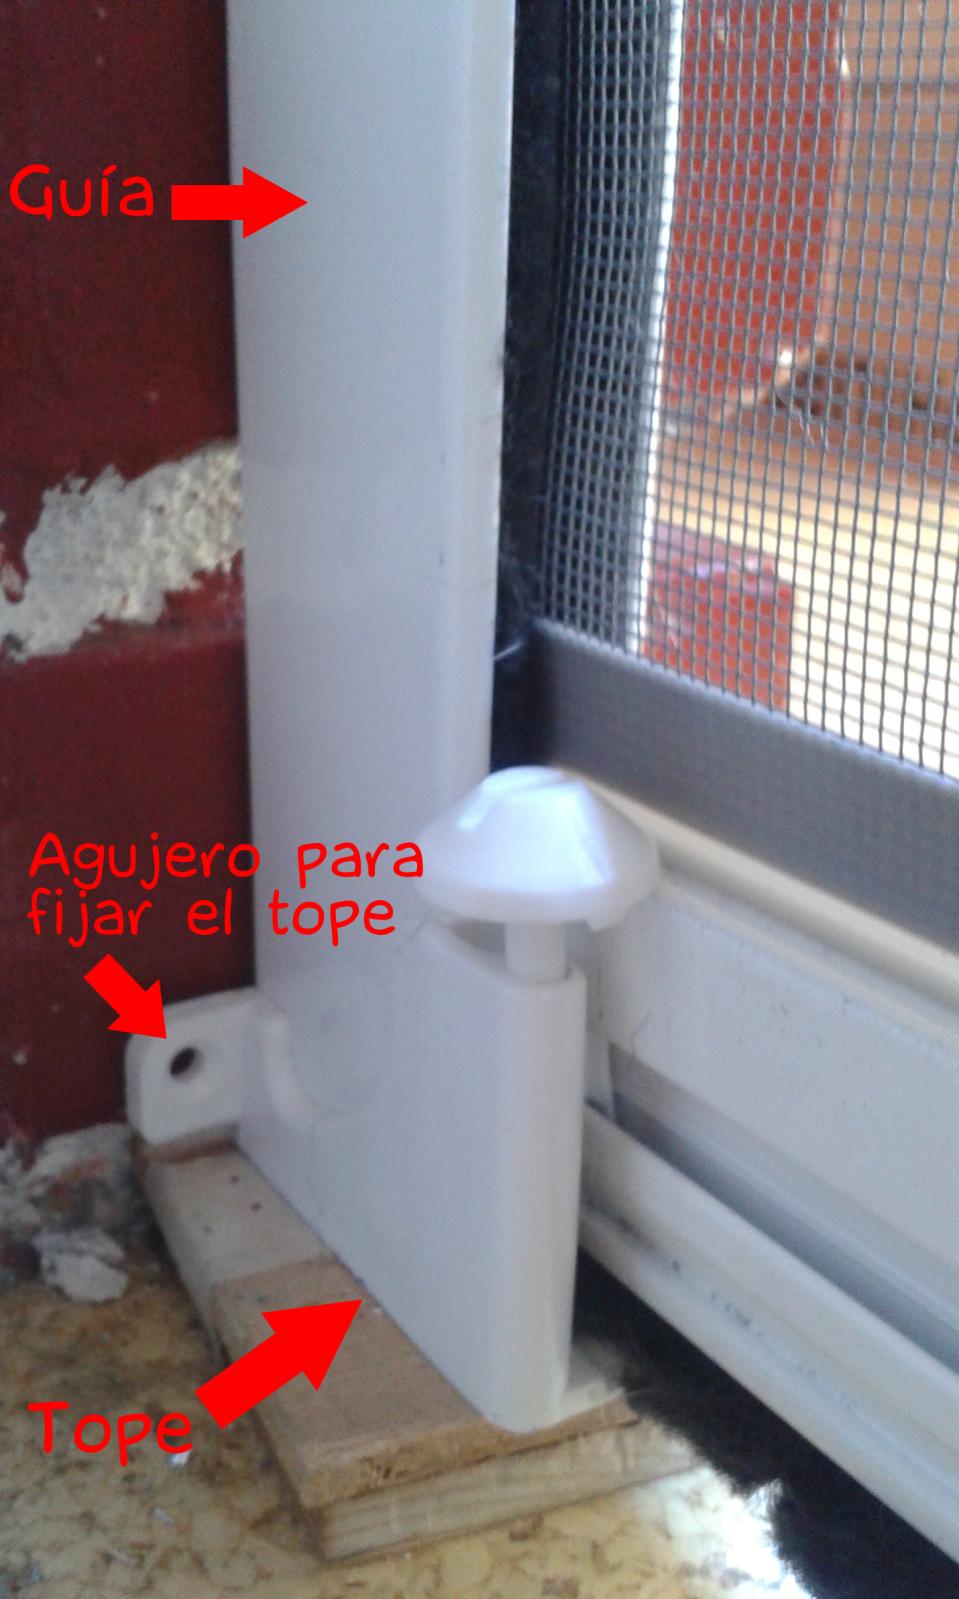 redes - Mosquiteras y redes para las ventanas y cómo proteger a nuestros gatos - Página 9 A2vxa8